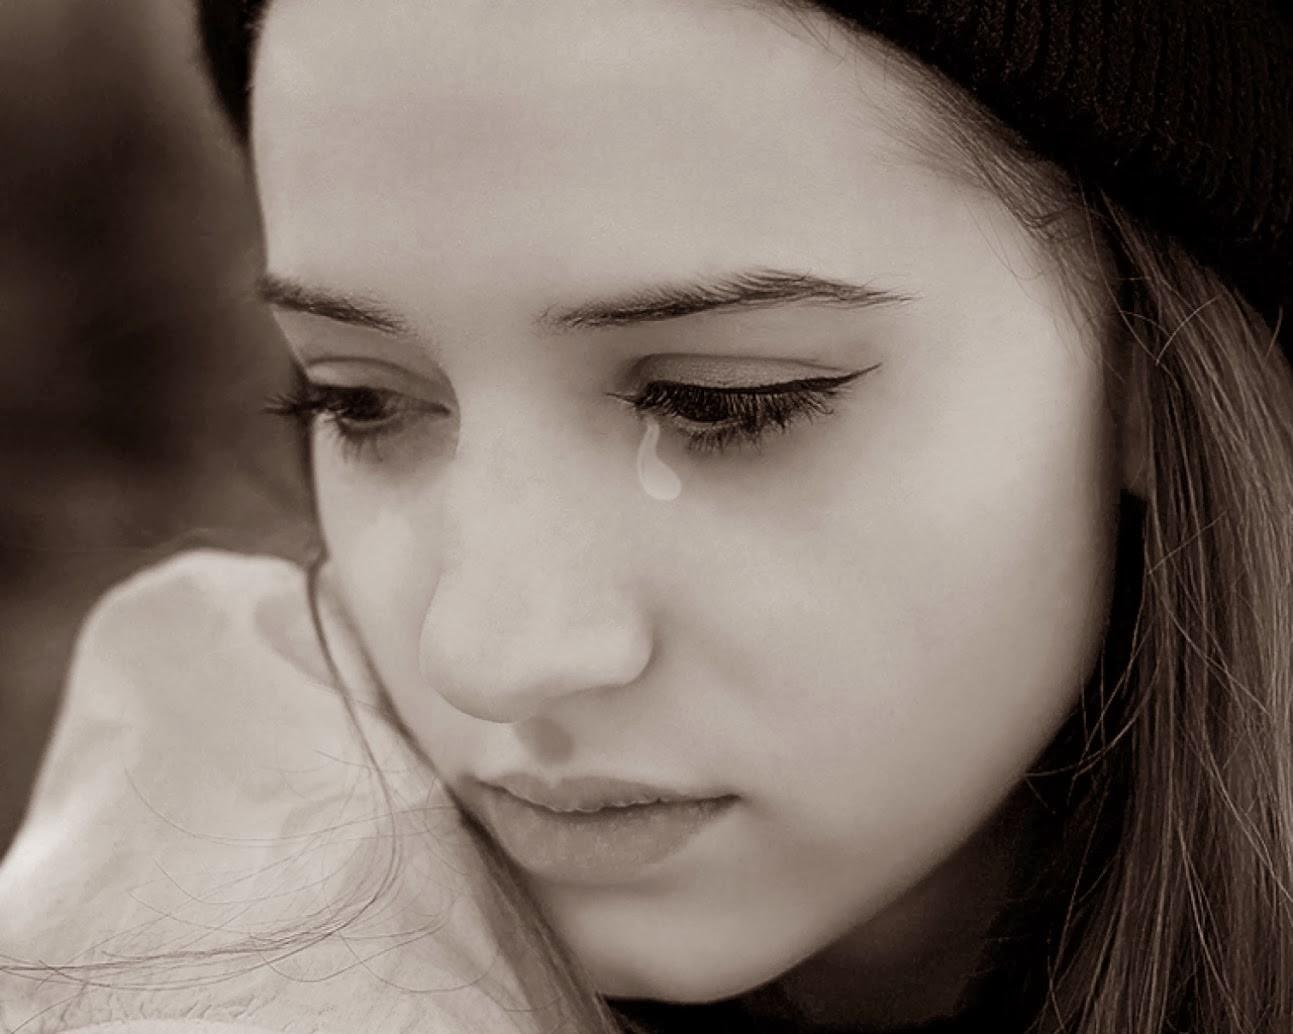 صور بنات حزينات , صور حزينات